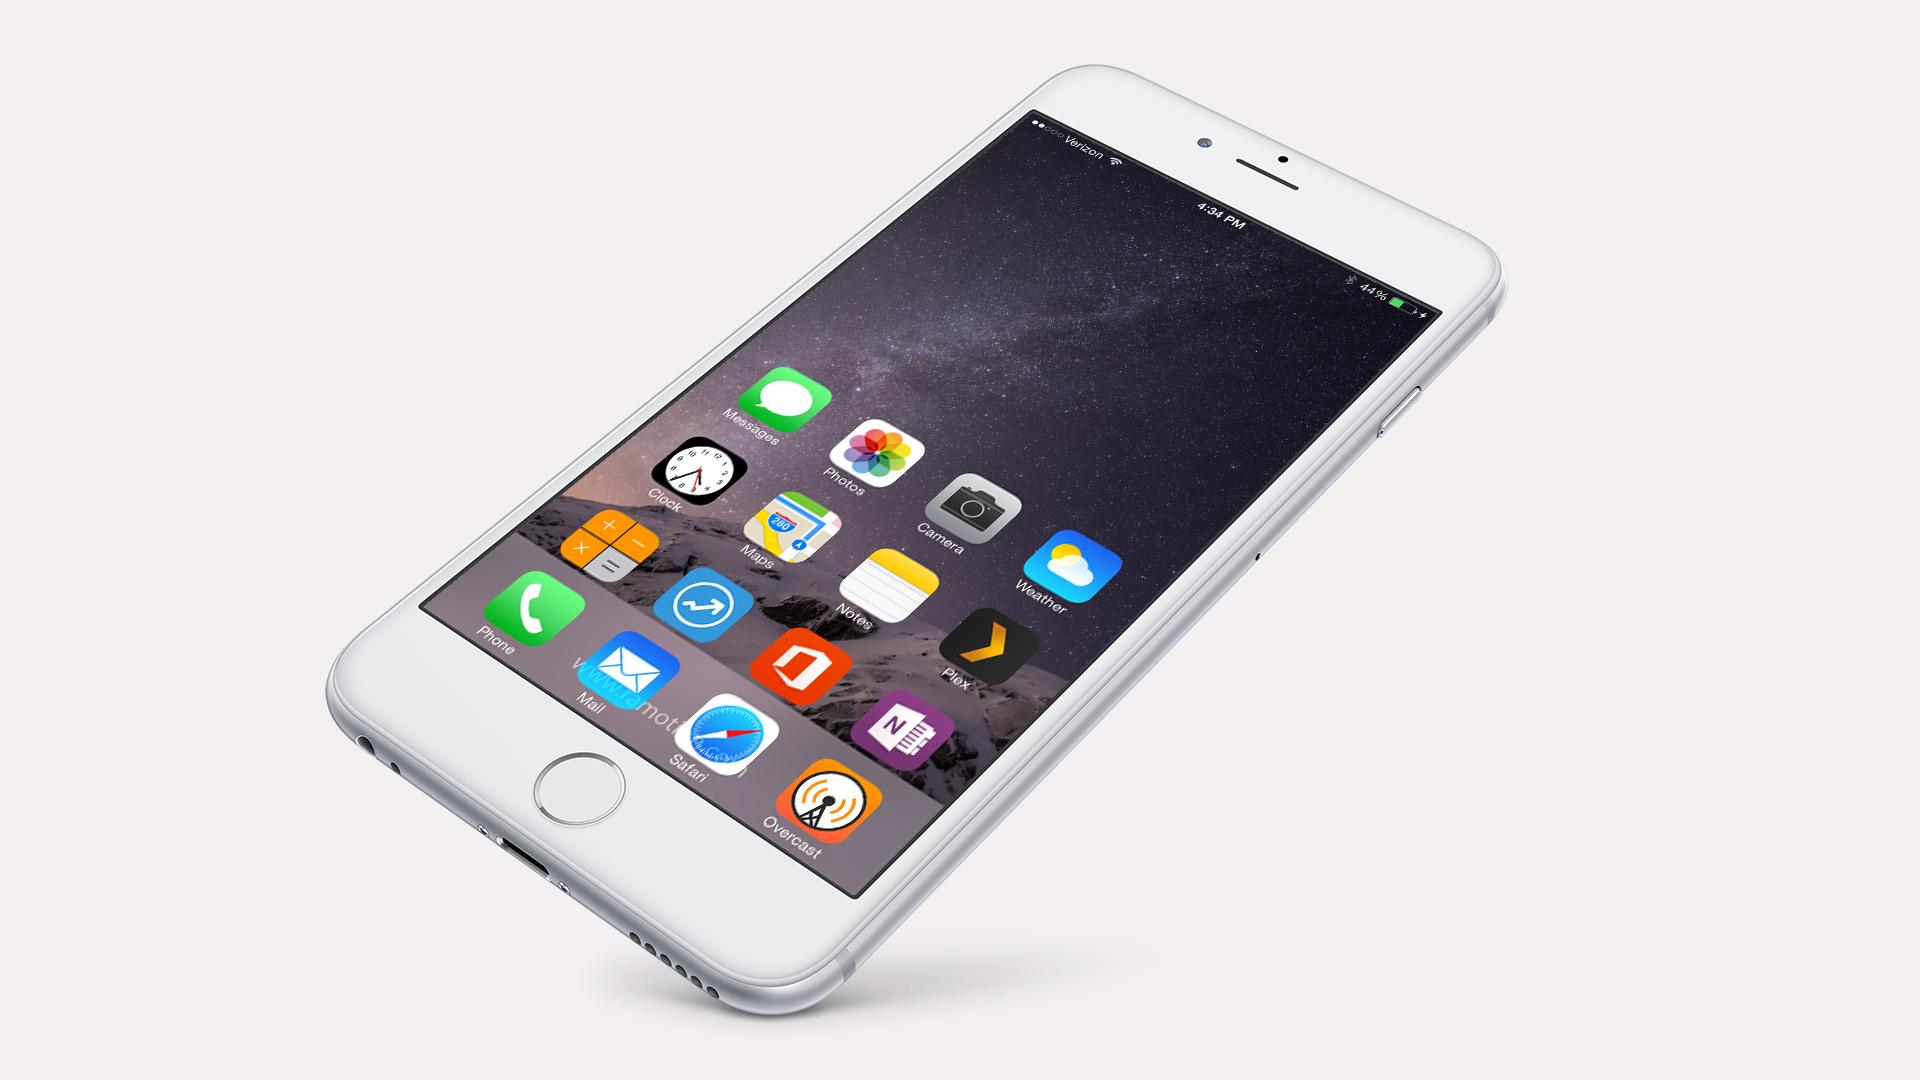 7 iPhone tricks du ville ønske du havde vidst noget før